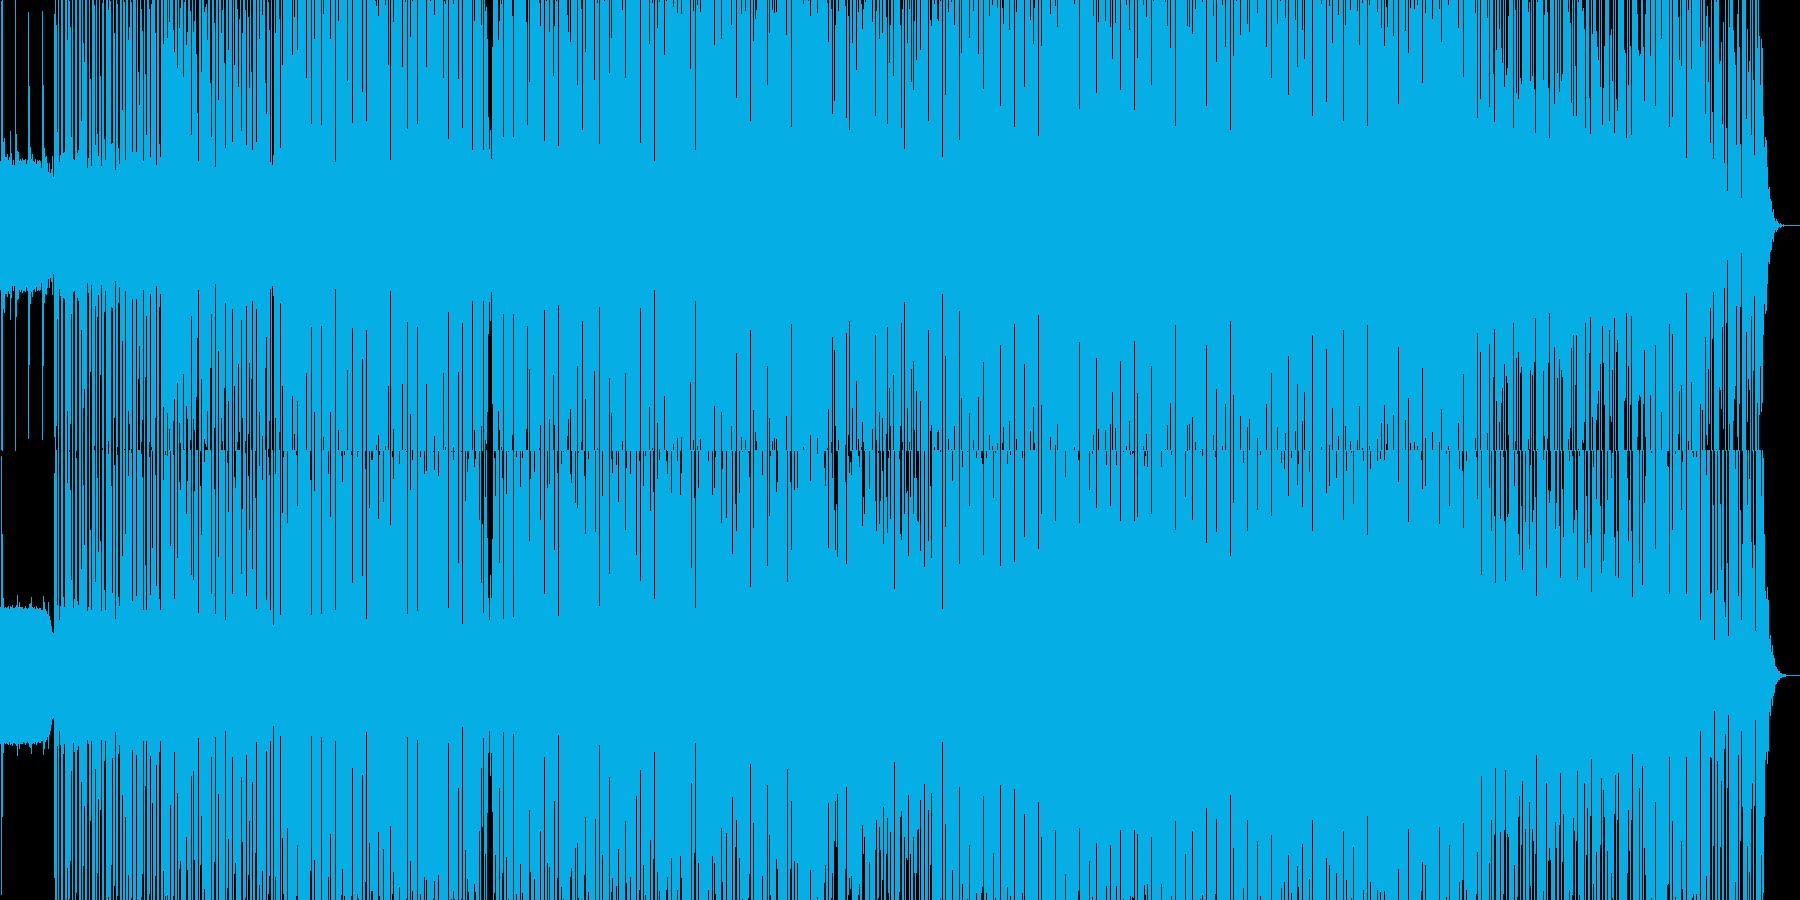 優しく美しく切なく力強いエレクトロの再生済みの波形